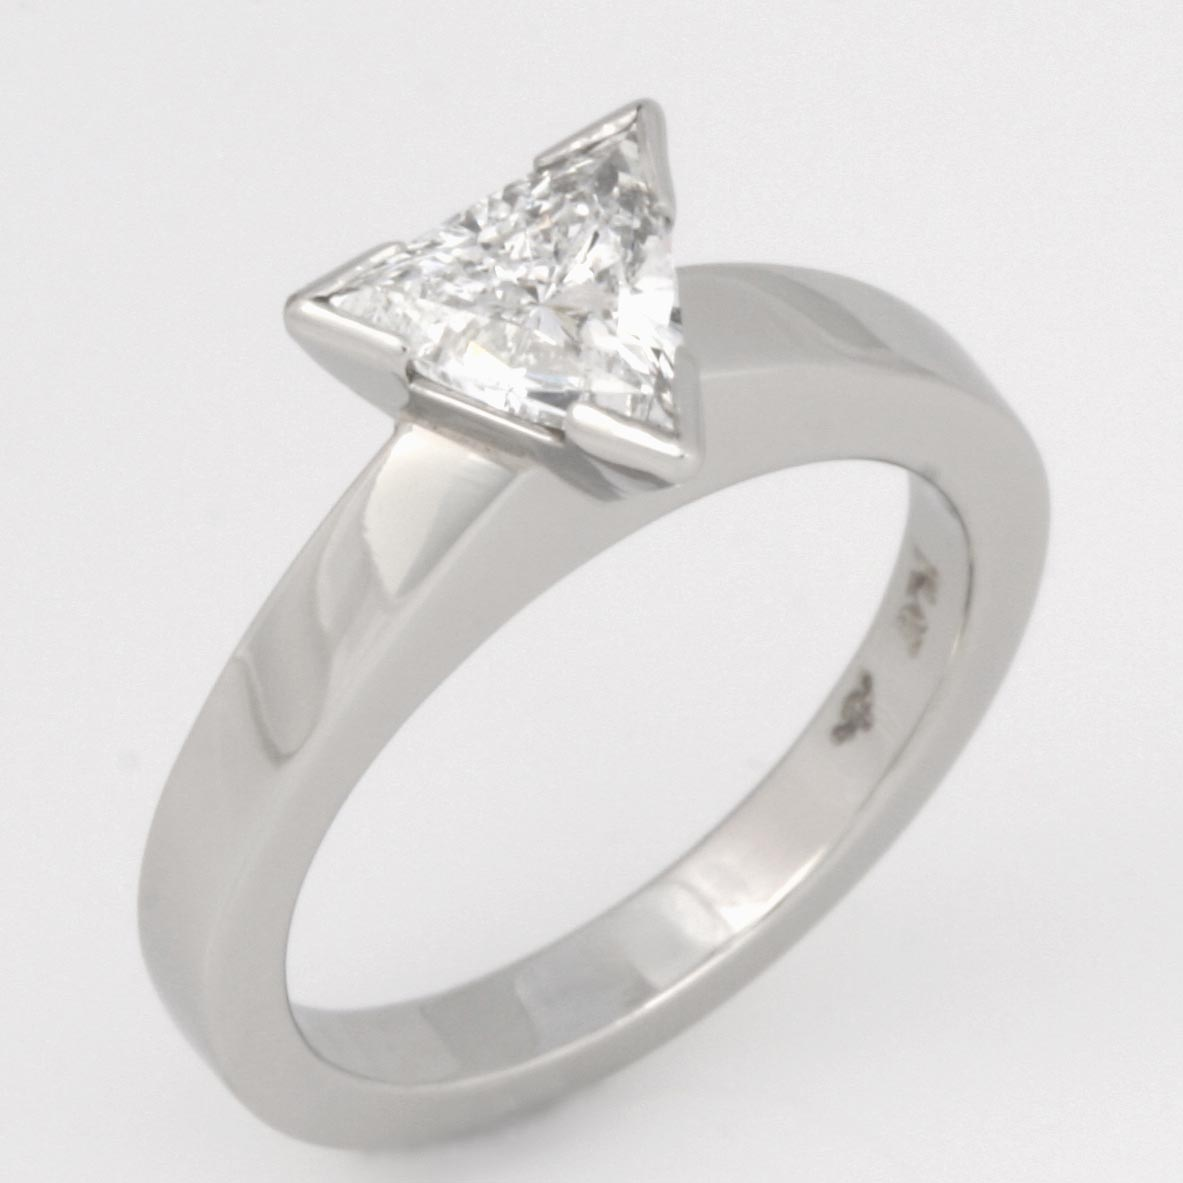 Handmade ladies platinum trilliant cut diamond engagement ring